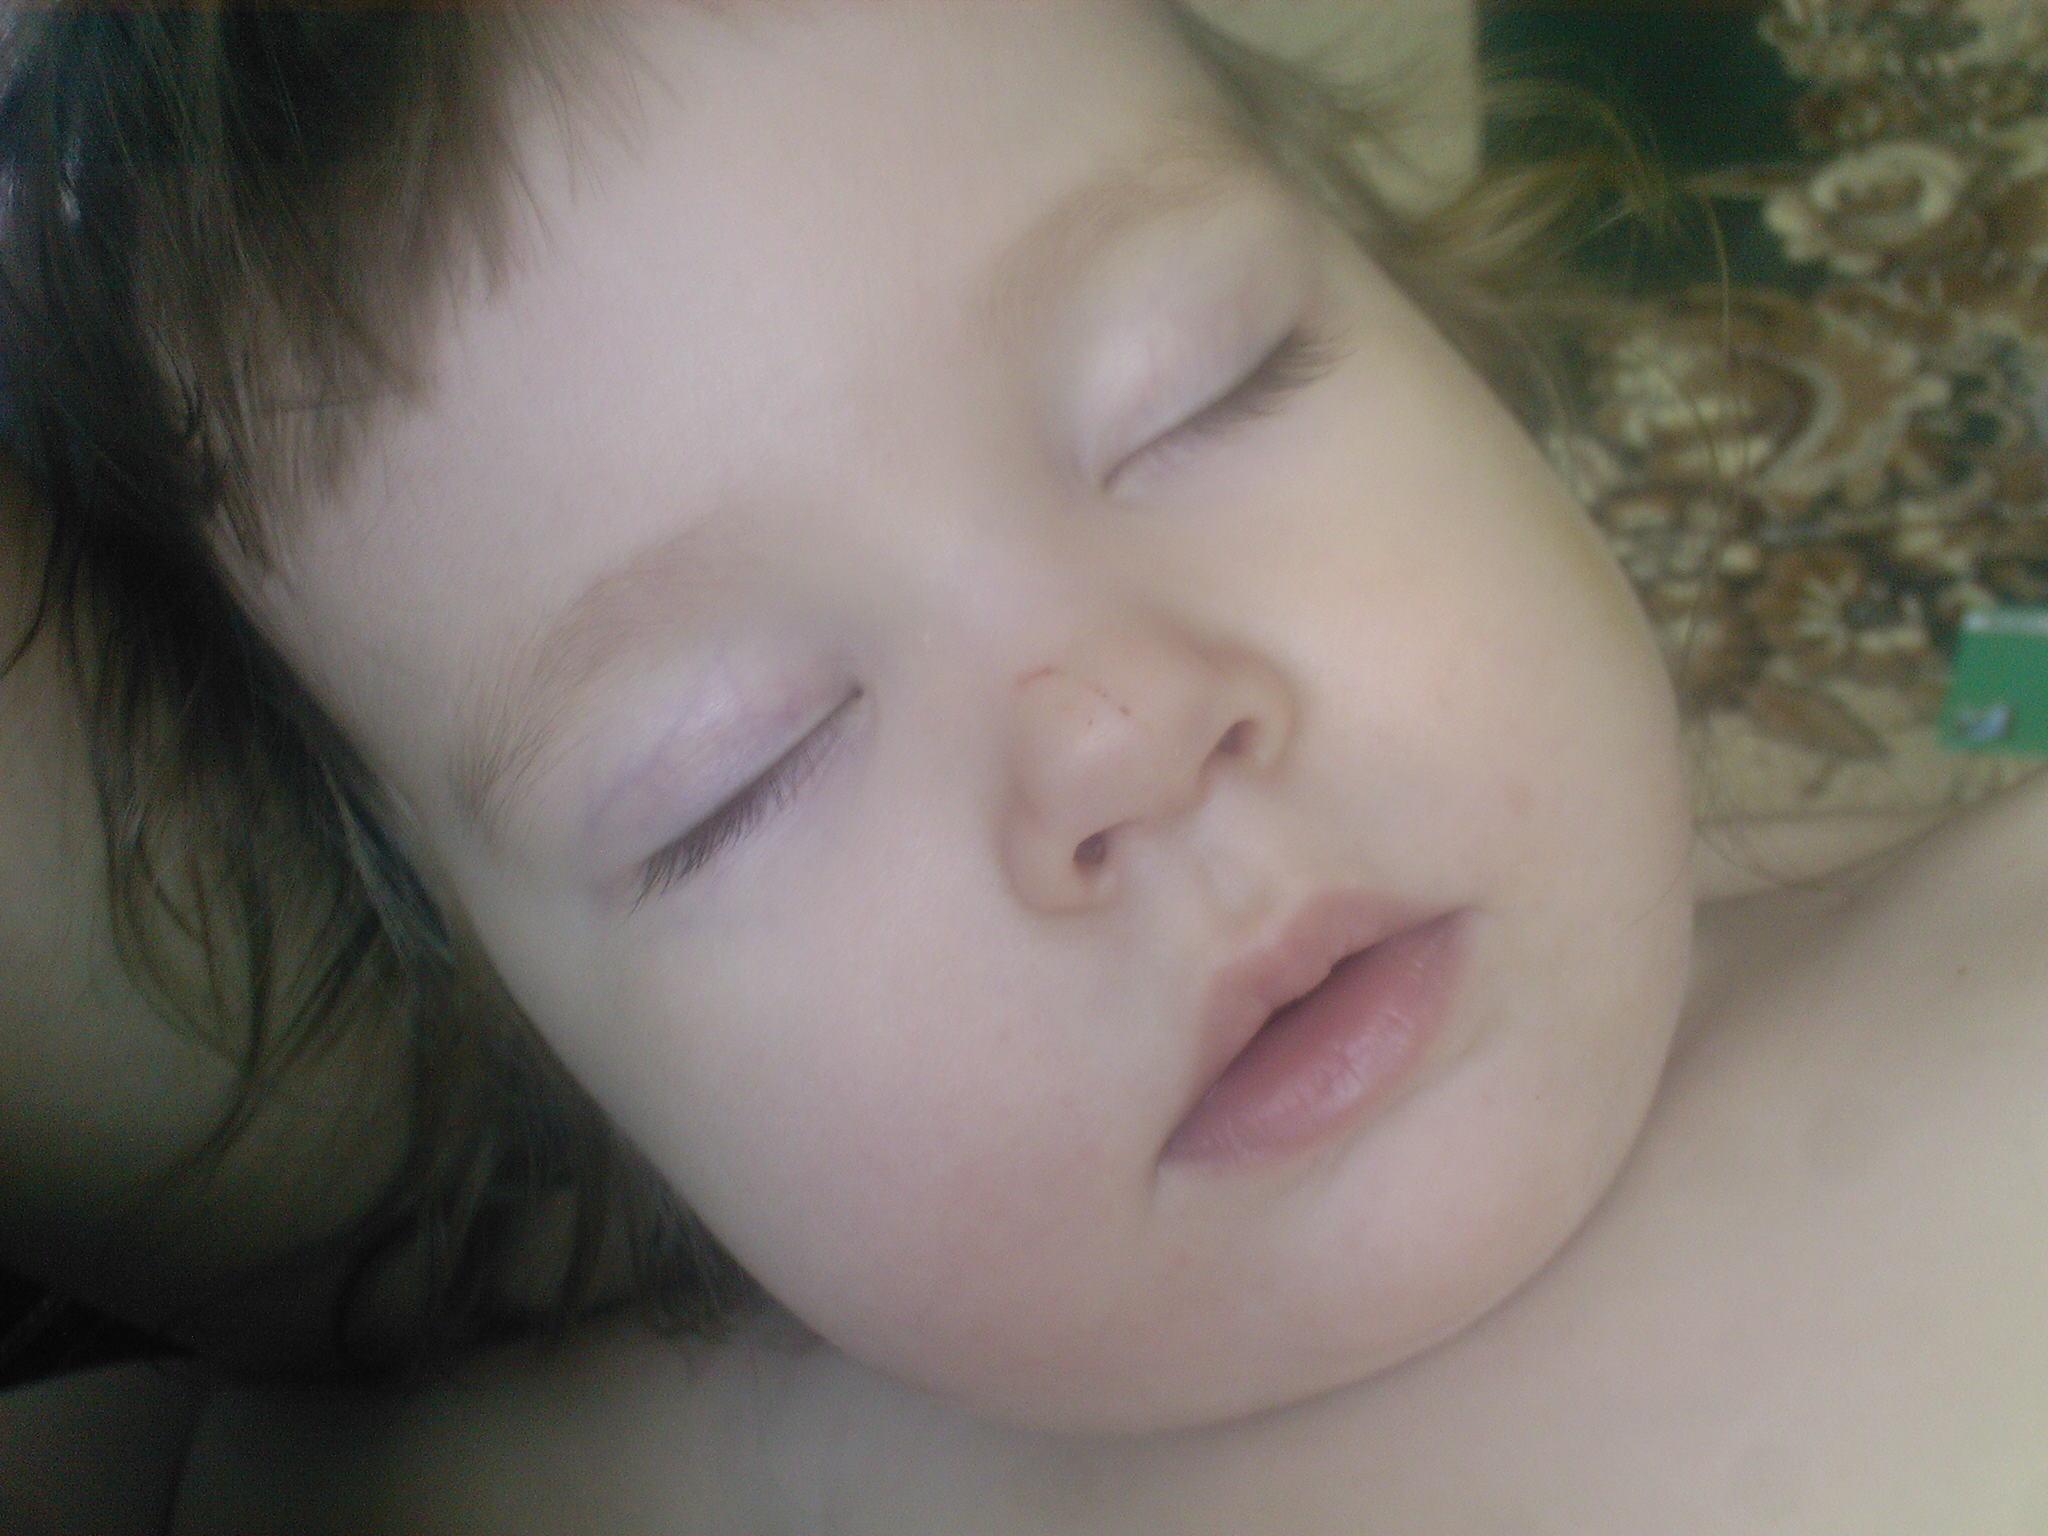 полинка спит. Спящие дети